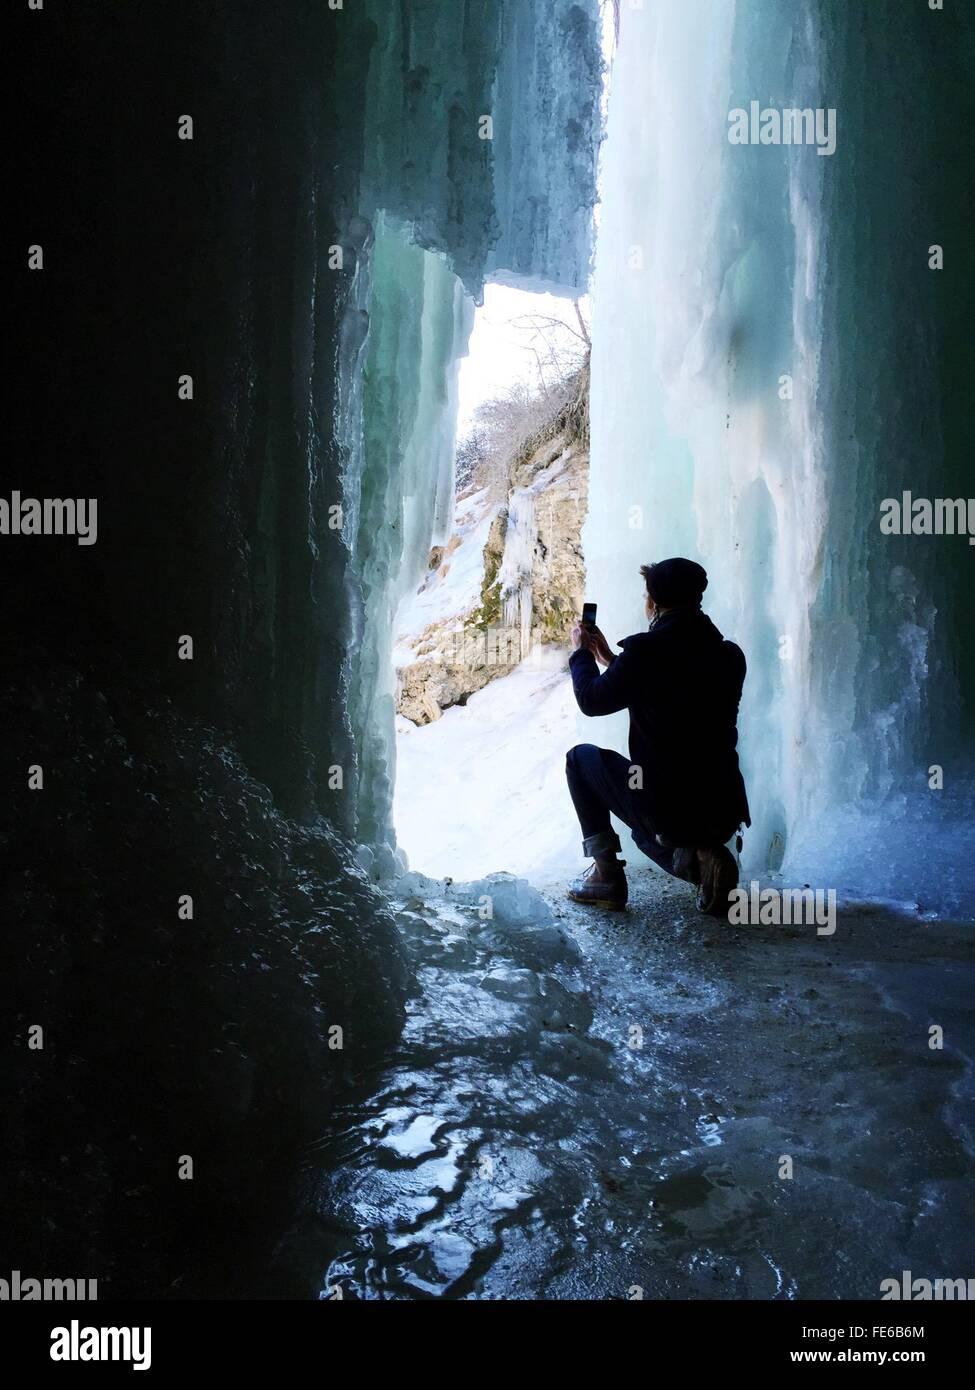 Vue arrière de l'homme Photographie cascade gelée Photo Stock